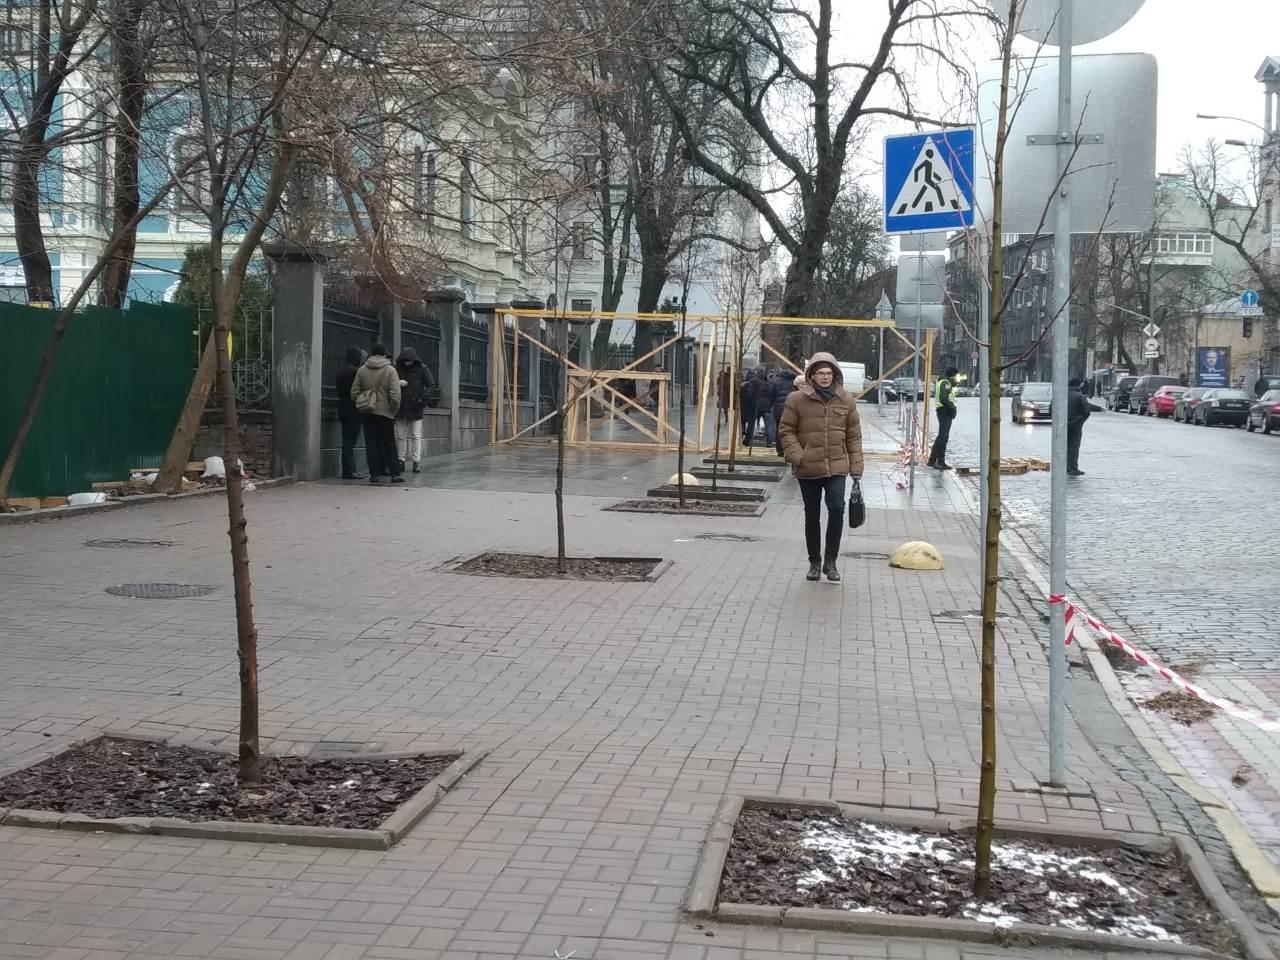 Ці молоді деревця викопають і пересадять з алеї. На задньому плані – створені для слідчих експериментів заготовки макетів автотранспорту